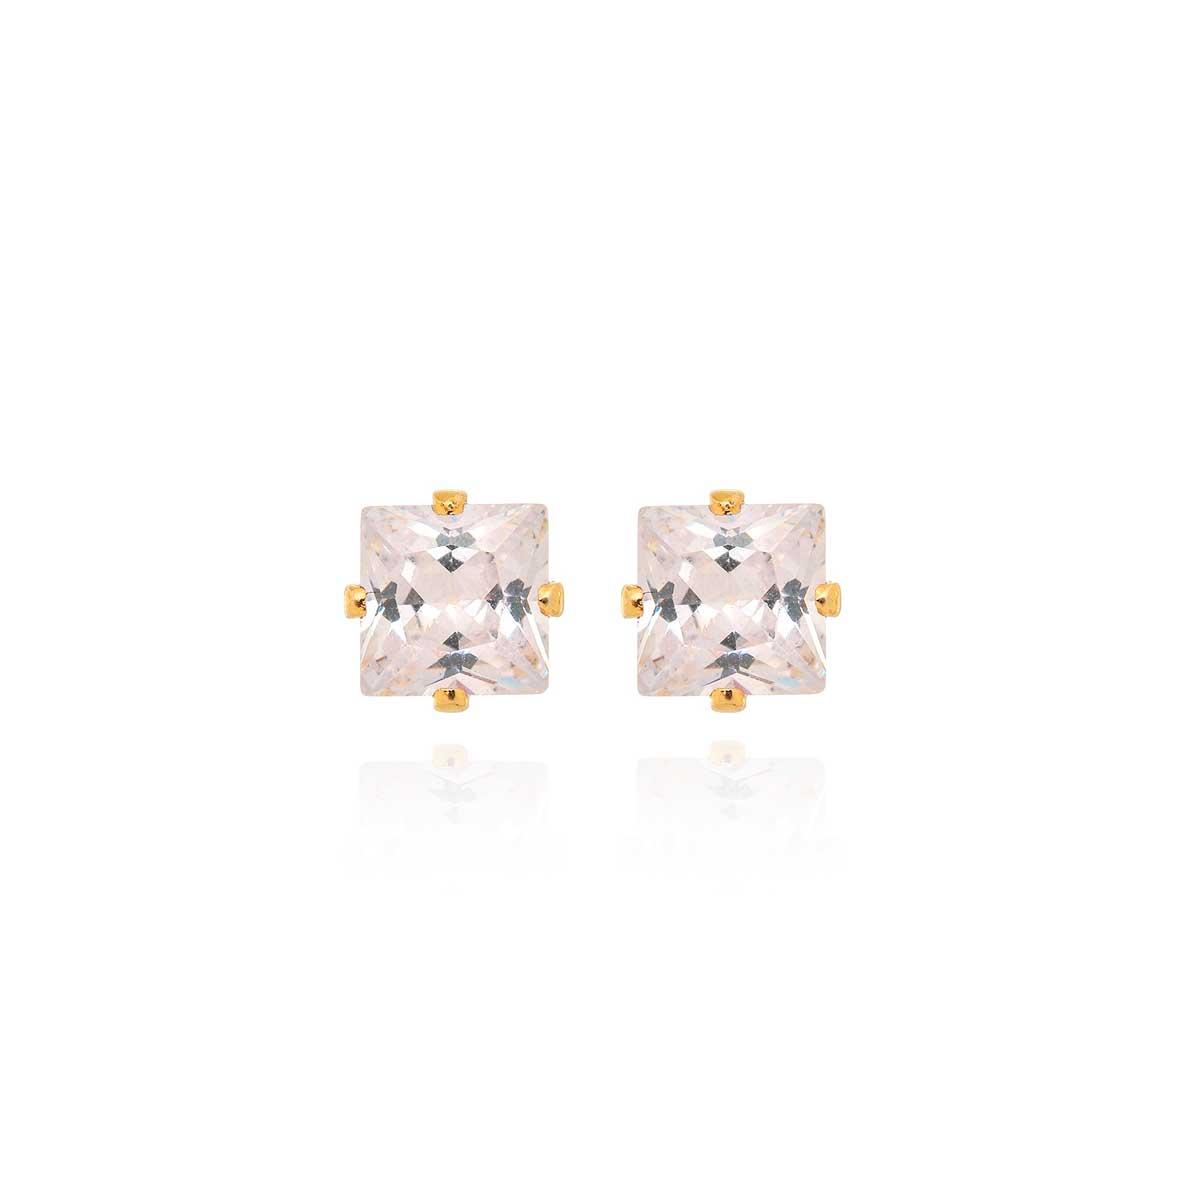 Brincos de Cristal Zircônia Banhado a Ouro 18K Quadrado BR7794